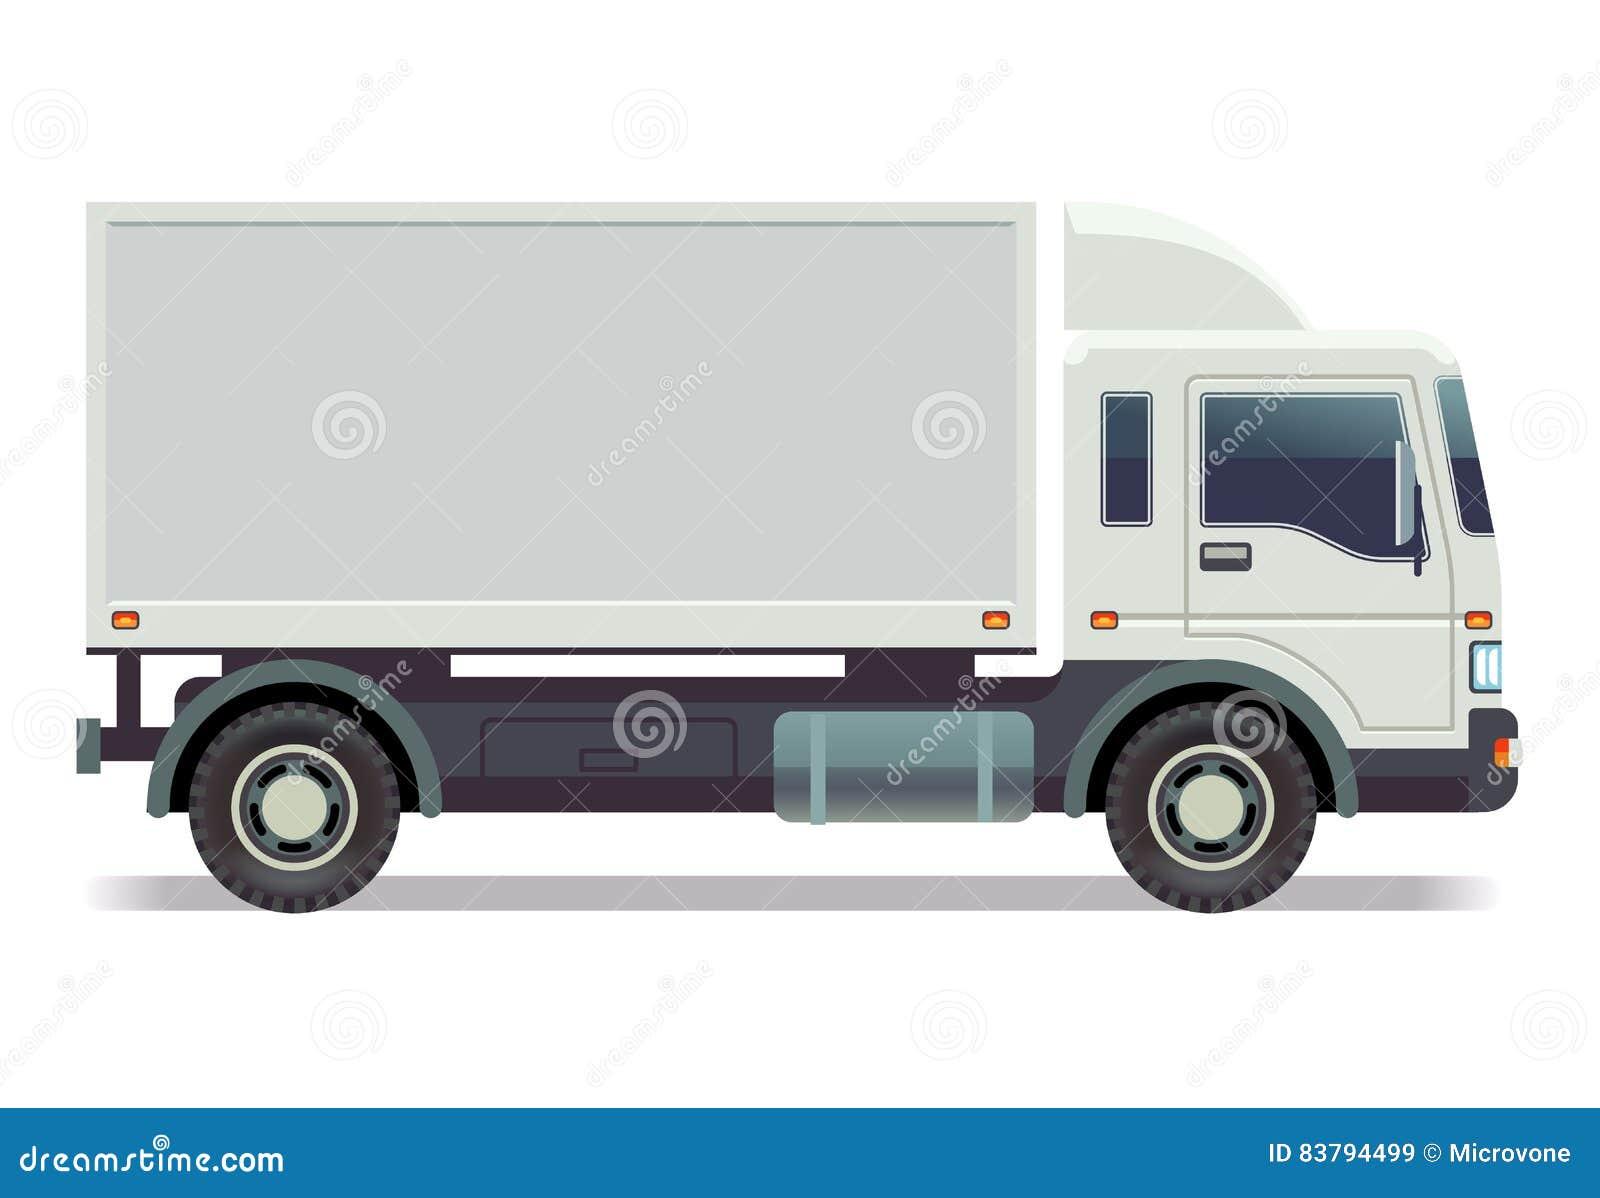 petit camion fourgon sur l 39 illustration blanche de vecteur illustration de vecteur. Black Bedroom Furniture Sets. Home Design Ideas